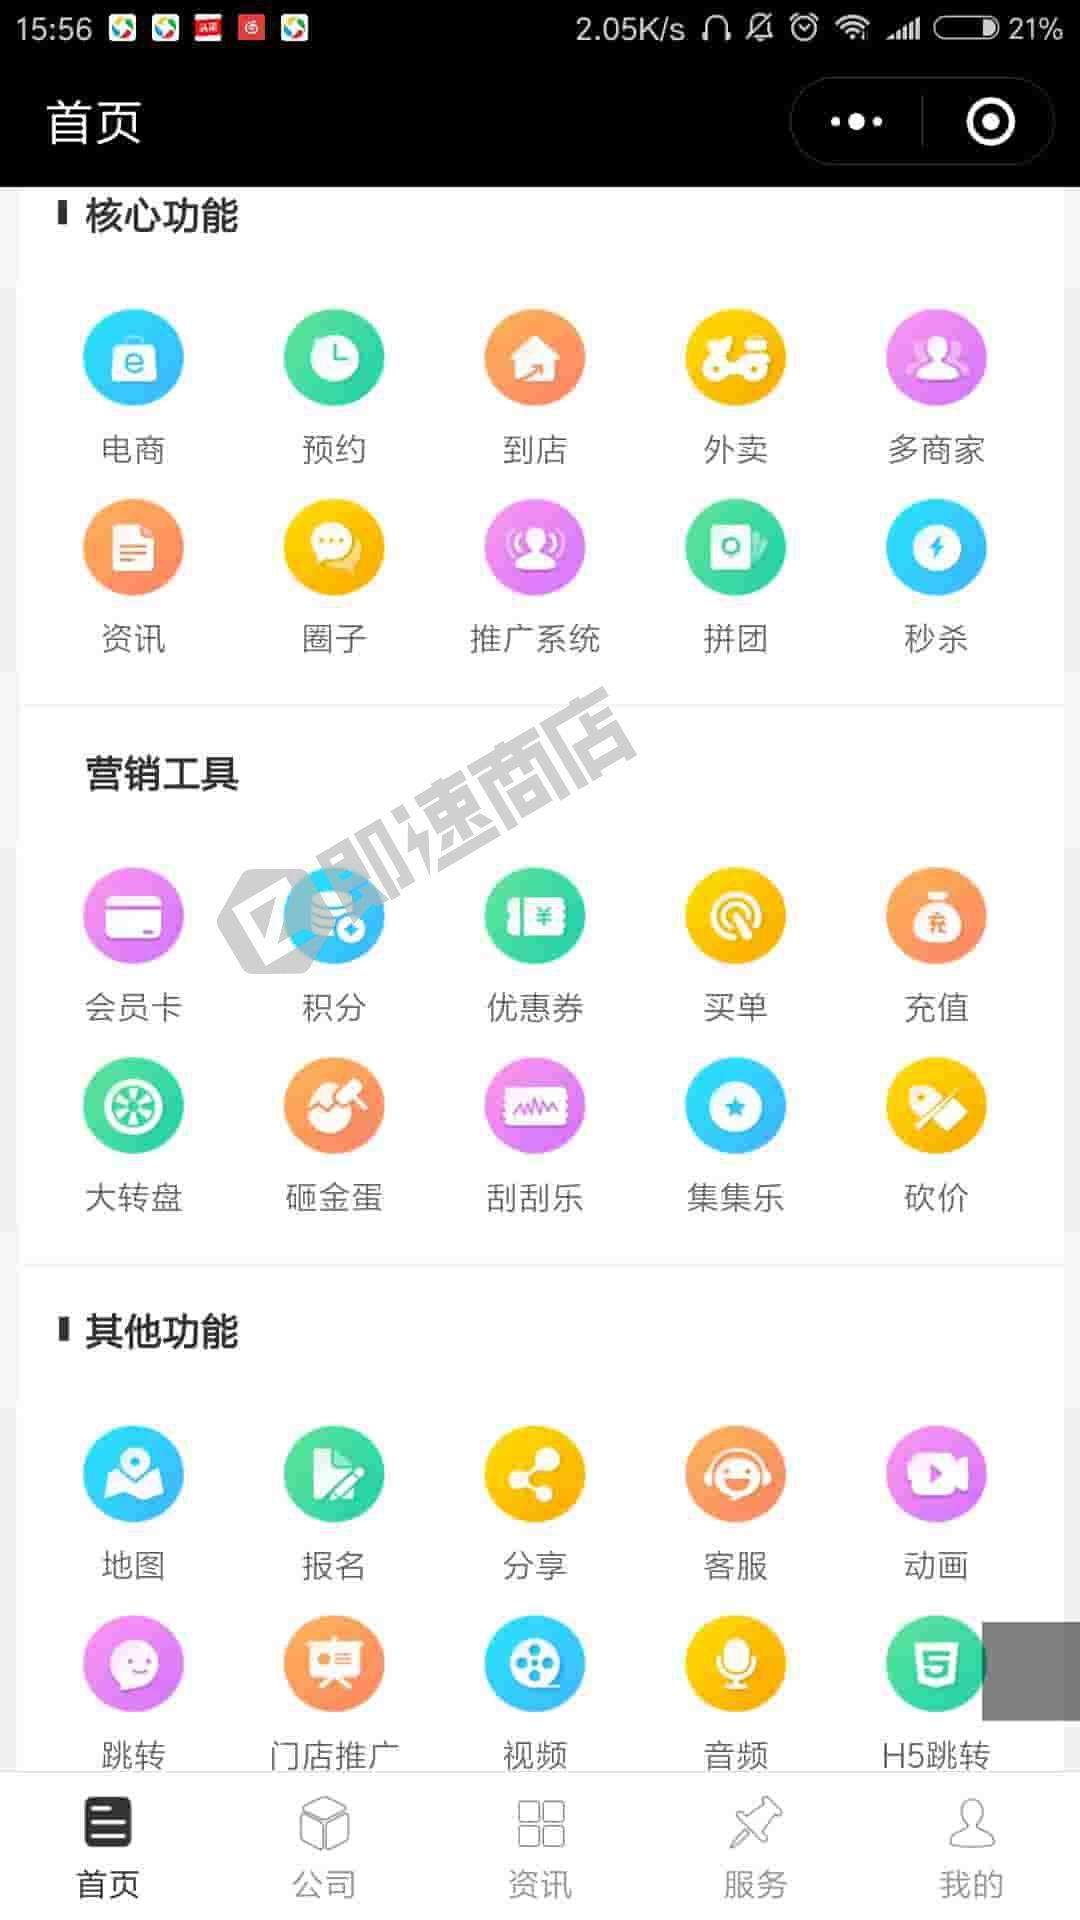 荆州托马斯教育小程序列表页截图